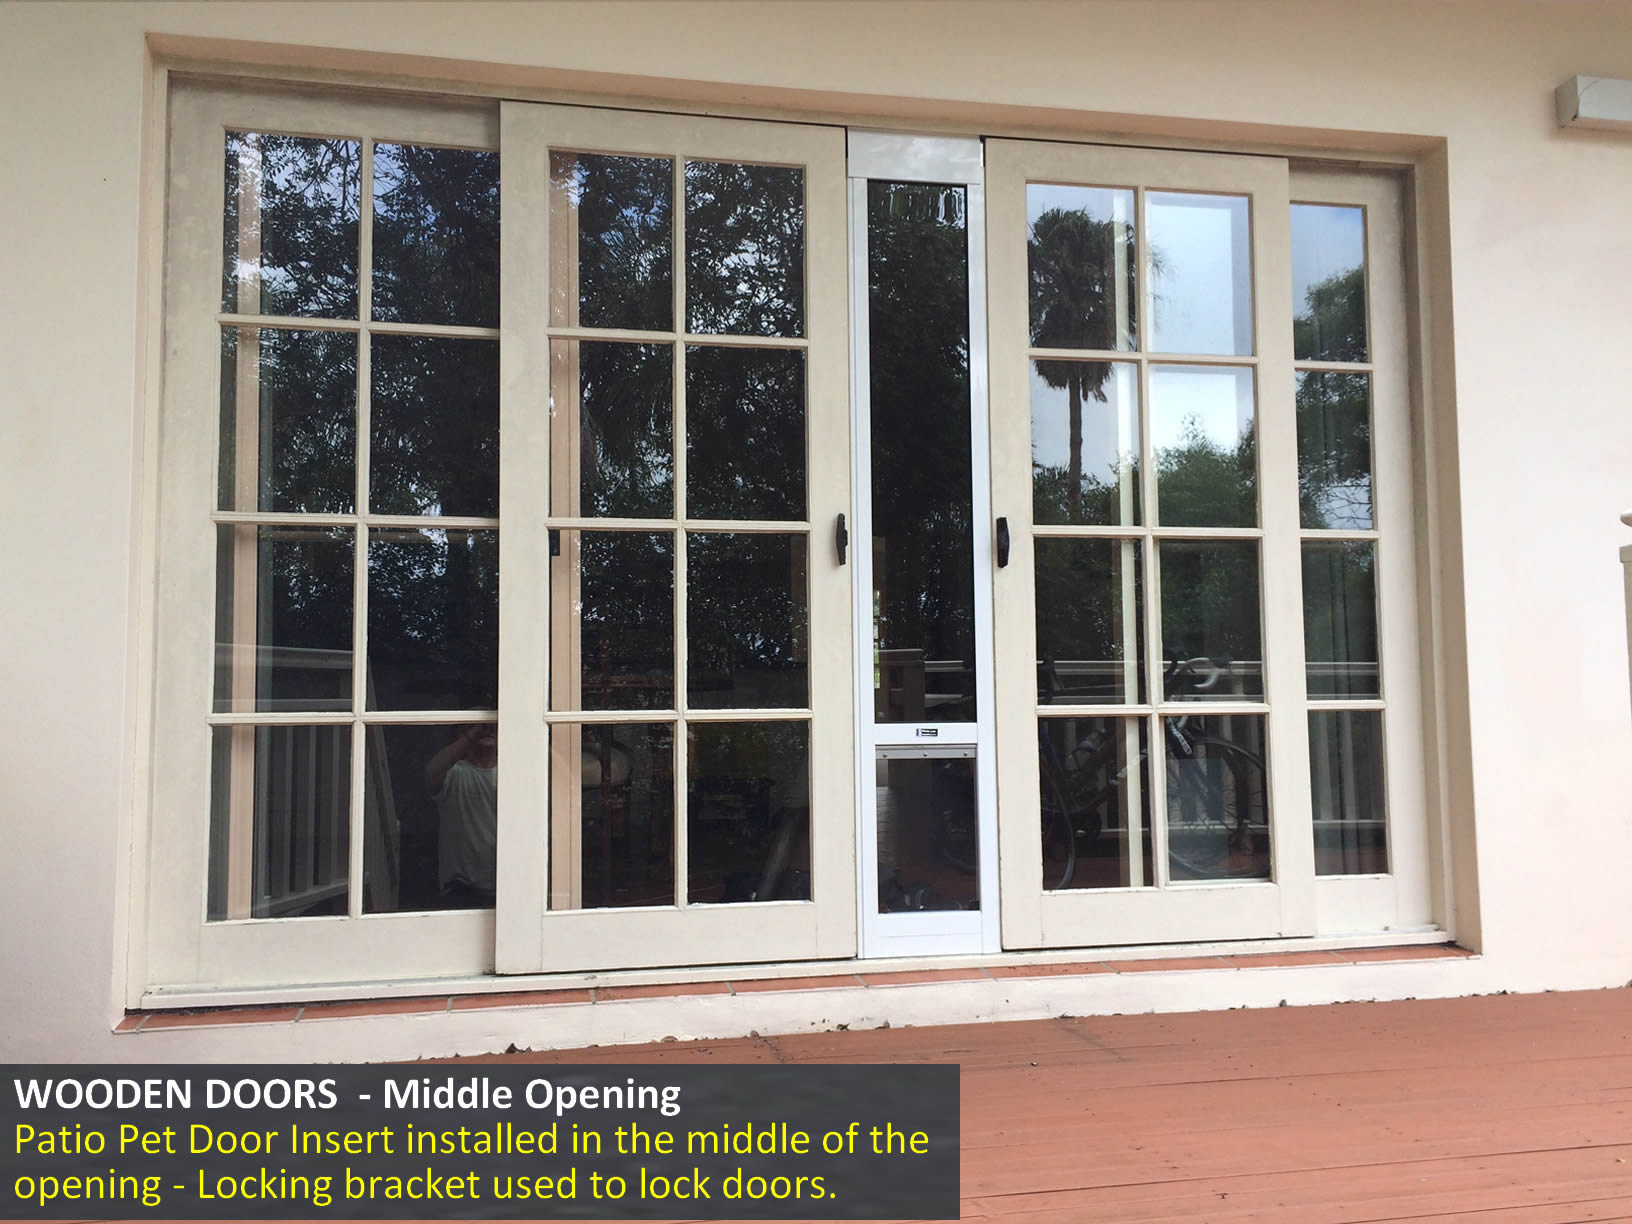 Wooden doors2.jpg